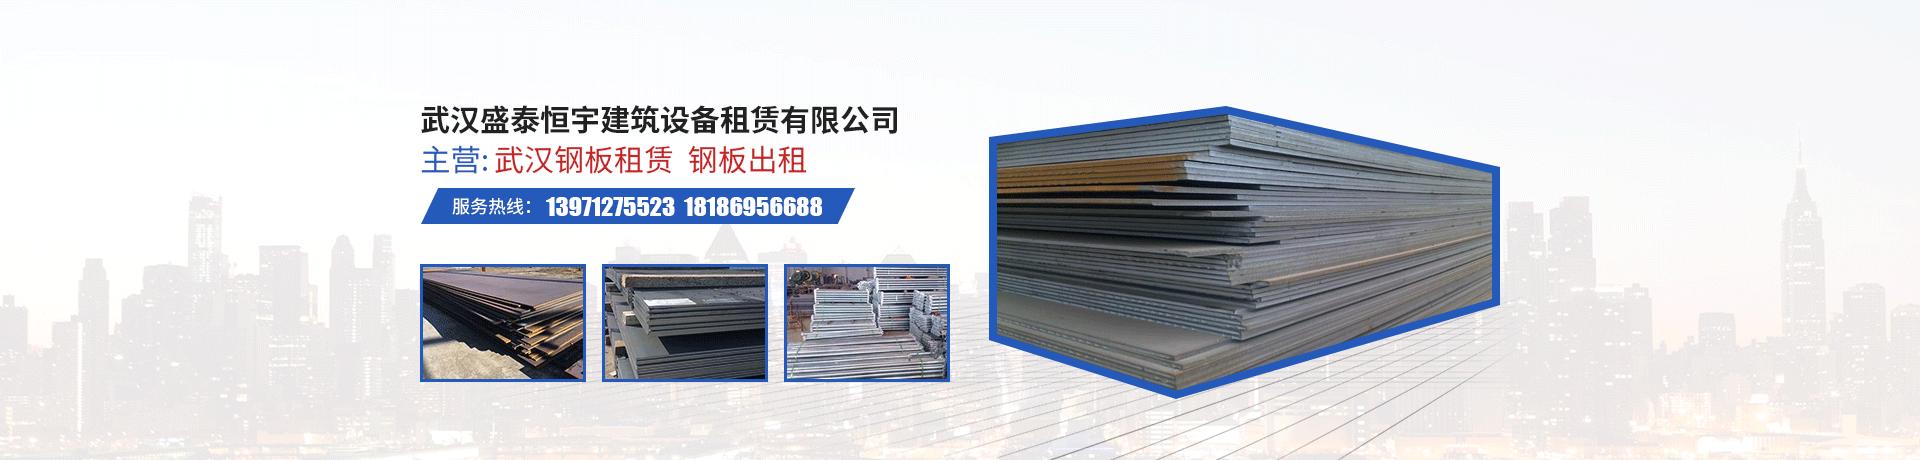 武汉钢板回收